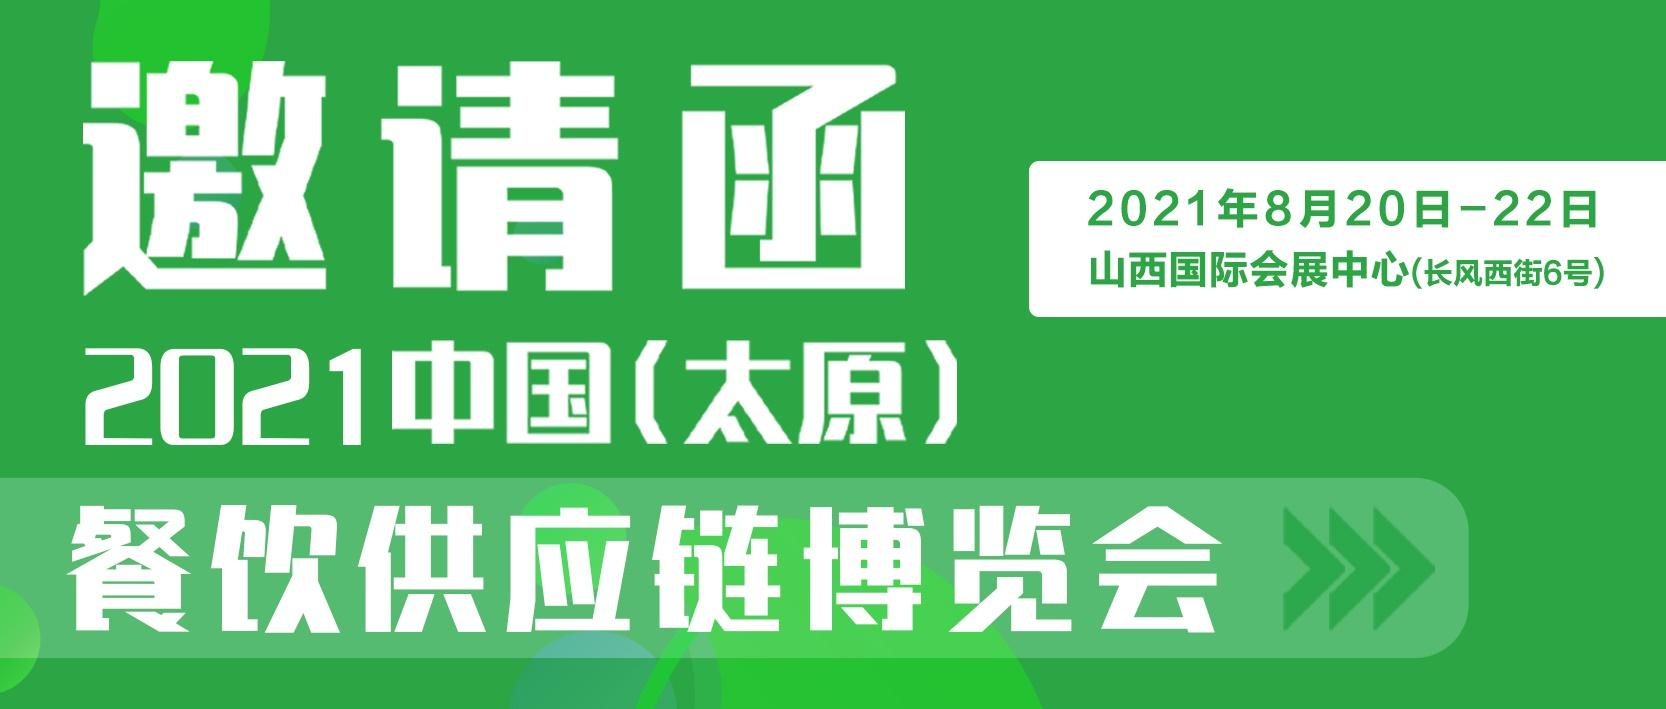 2021山西餐饮展